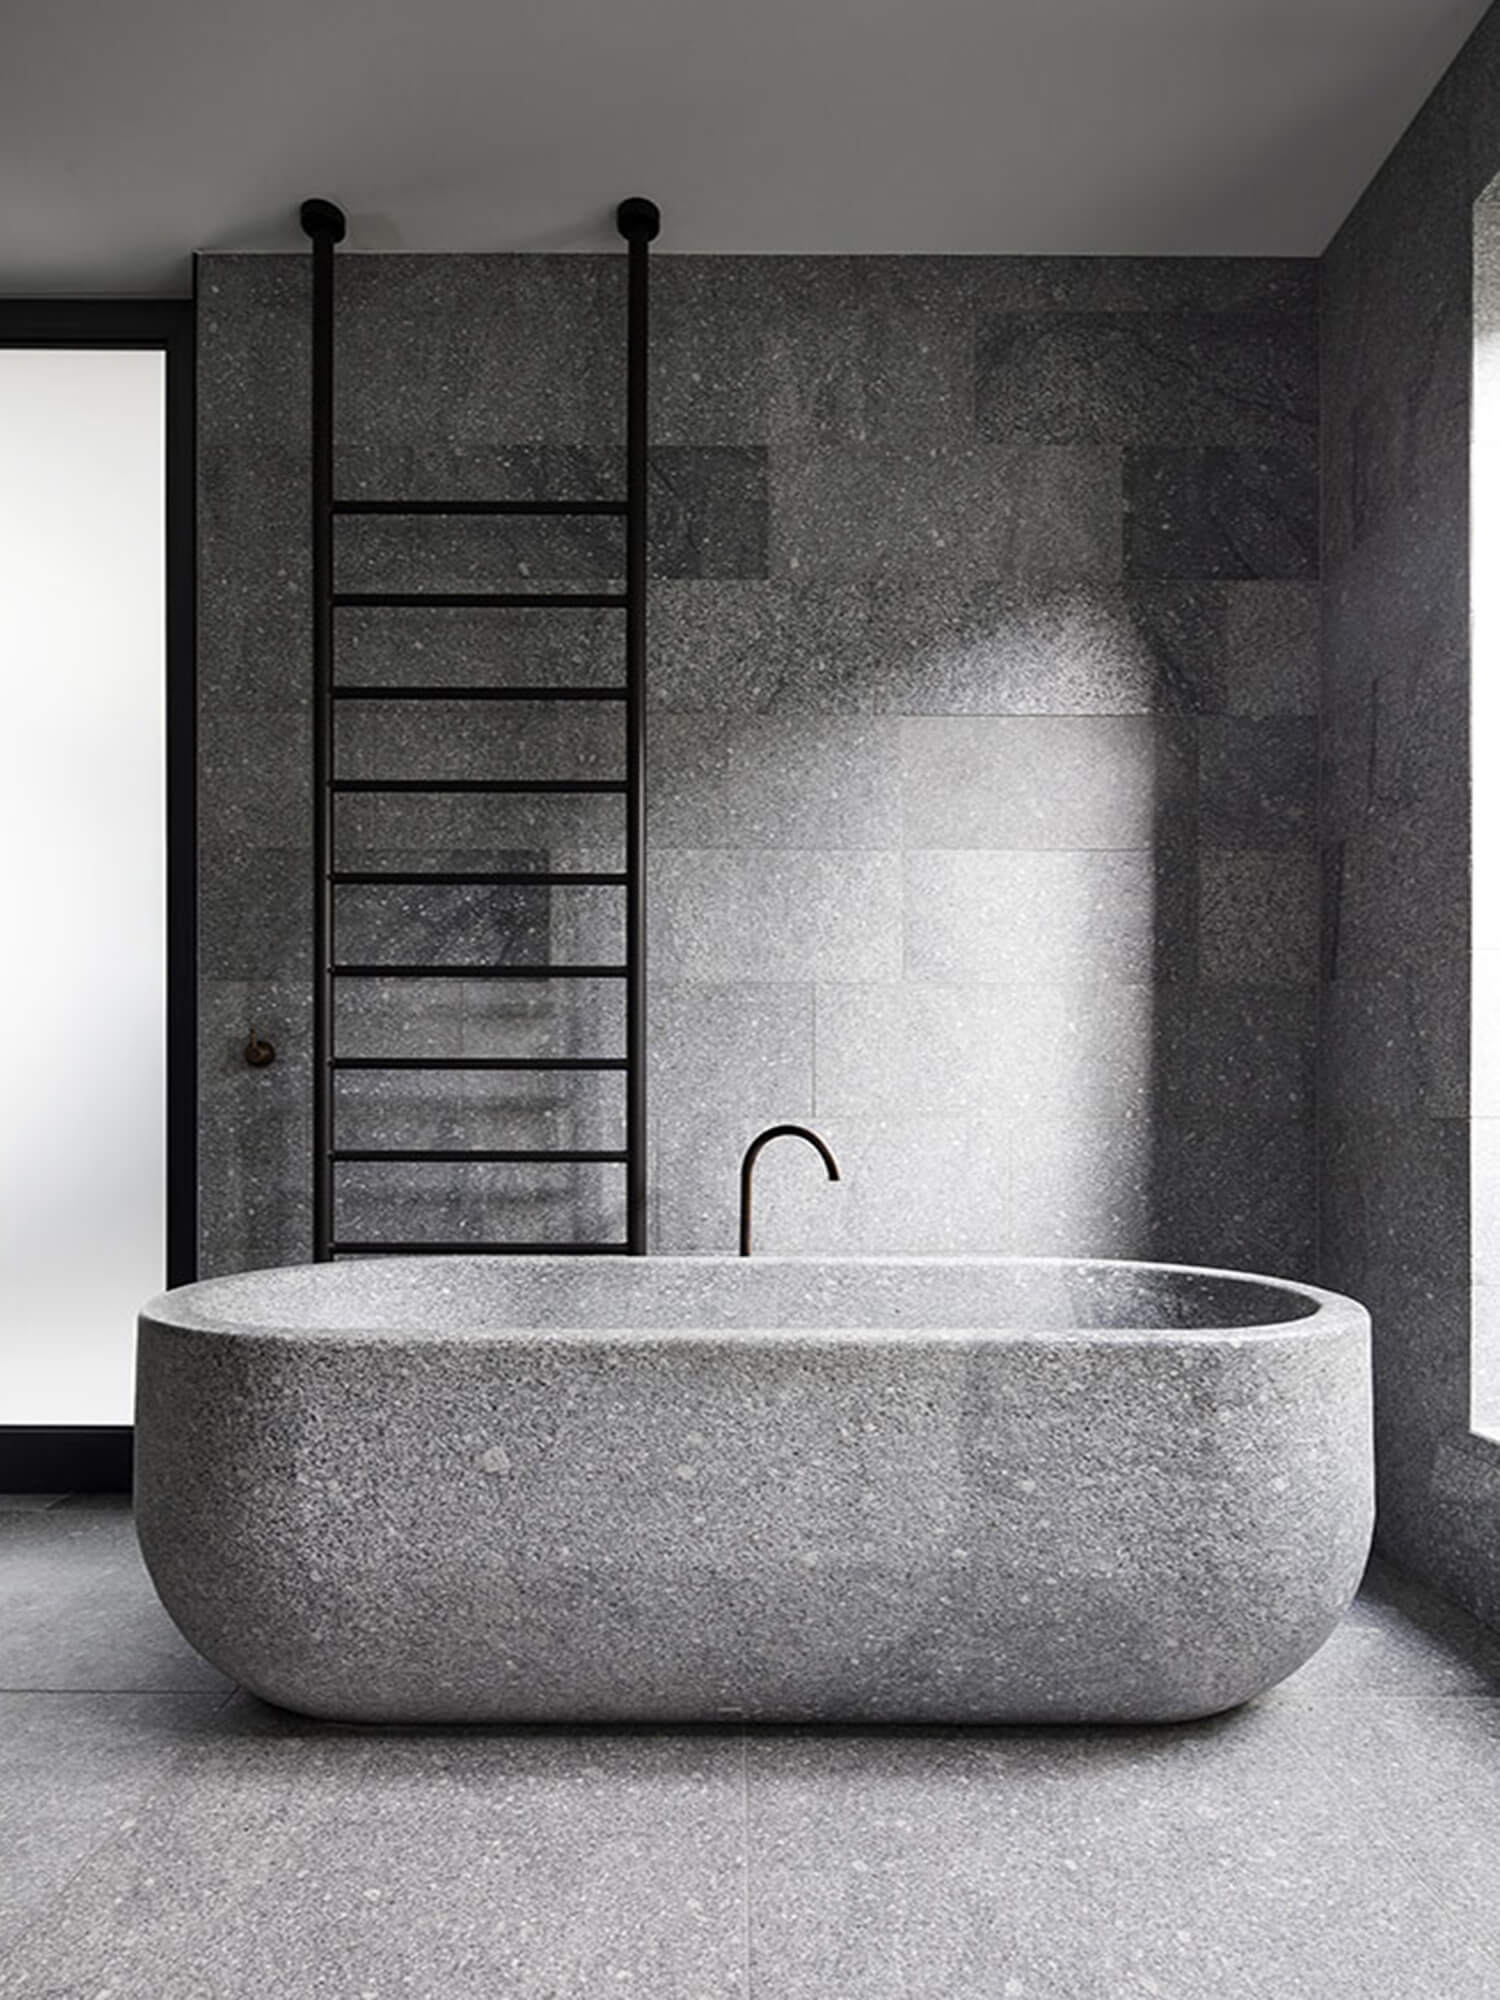 est living  interiors b.e architecture Armadale Bathroom image 01 1